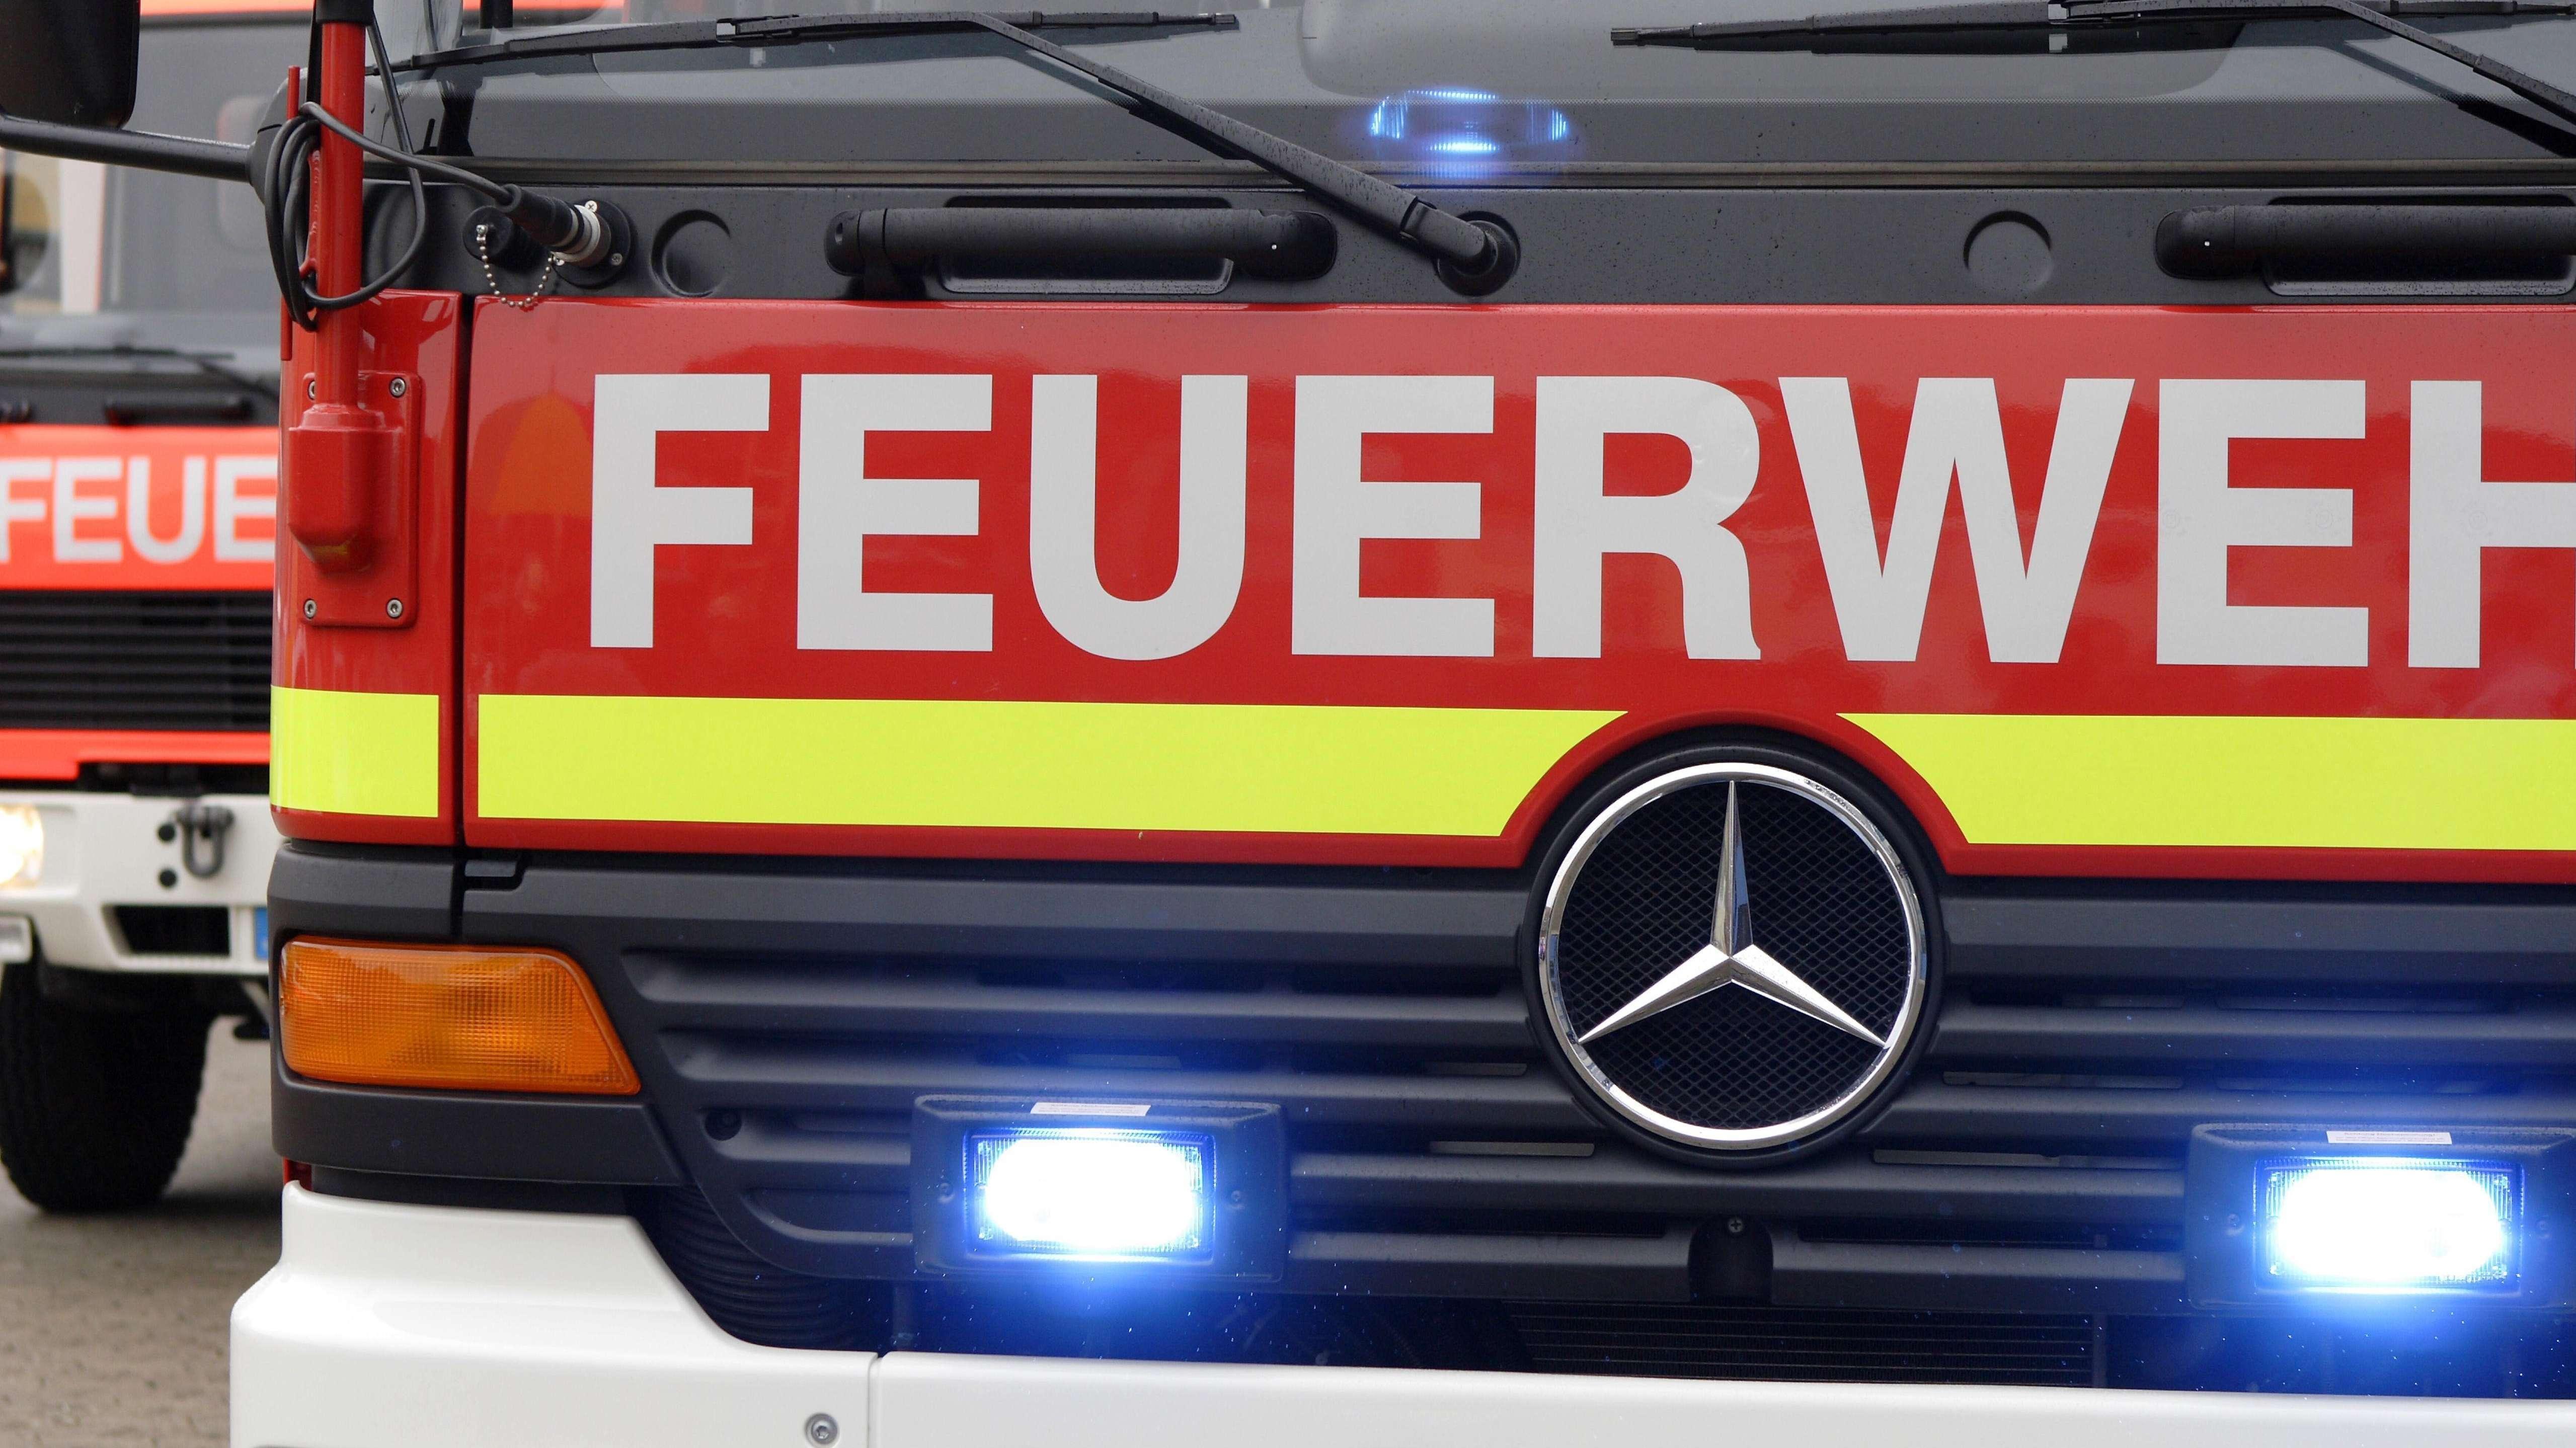 Feuerwehrauto (Symbolbild)